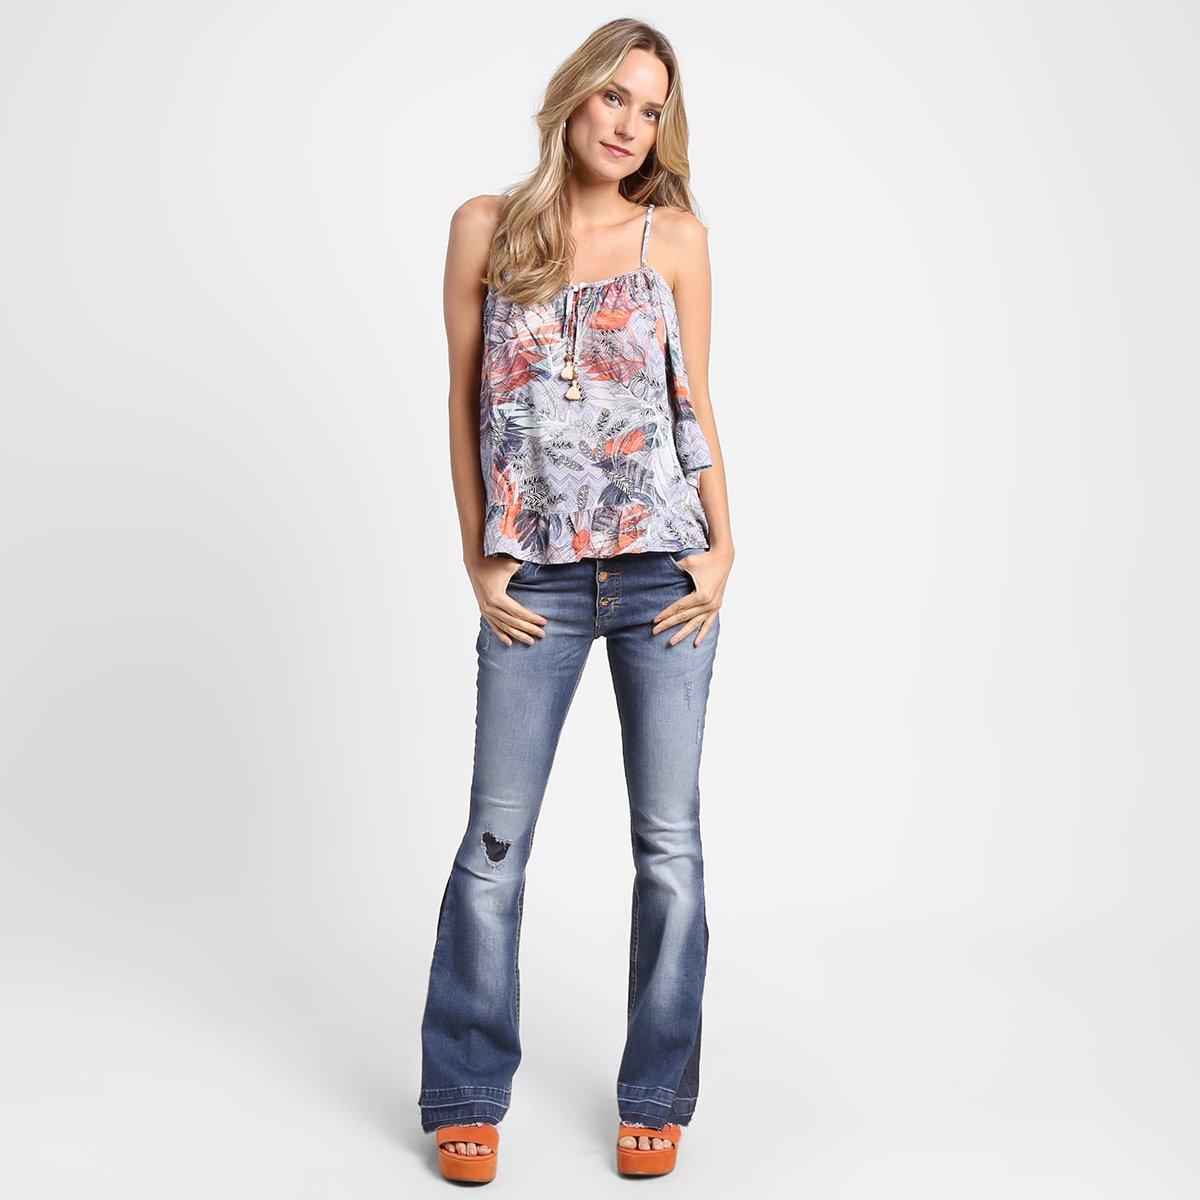 Blusa Disparate Bata Estampada Amarração - Compre Agora  b613763c79f1d